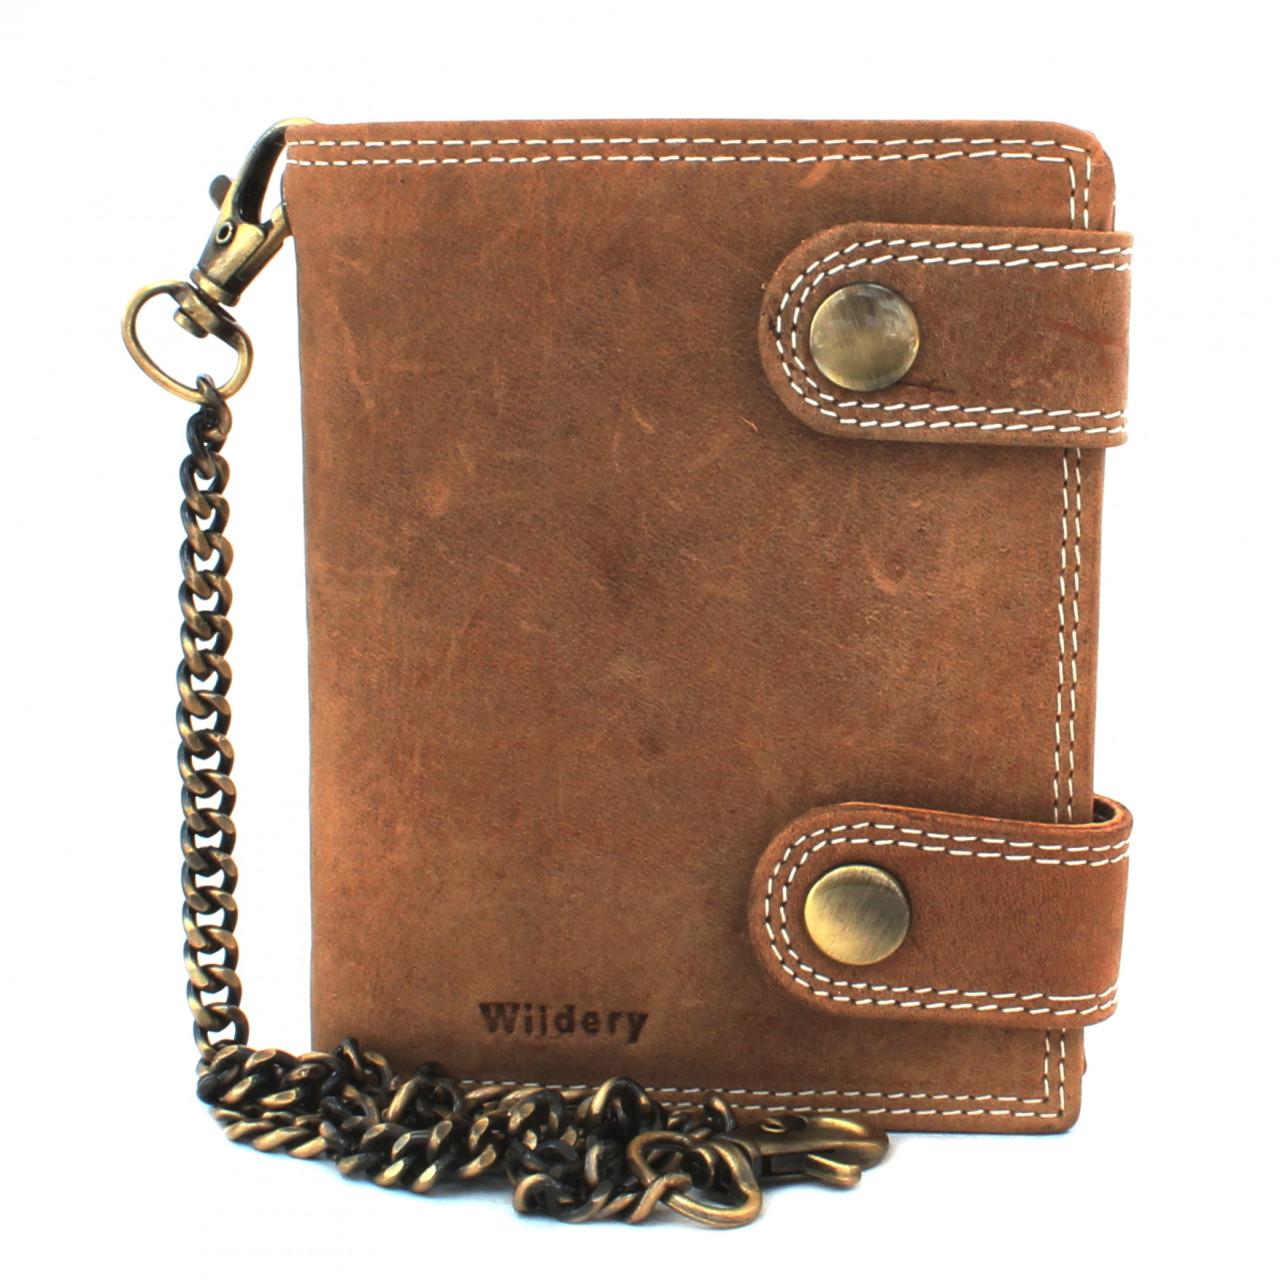 Wildery Herren vintage Leder Geldbörse im Hochformat mit RFID und NFC Schutz und mit Kette in beige